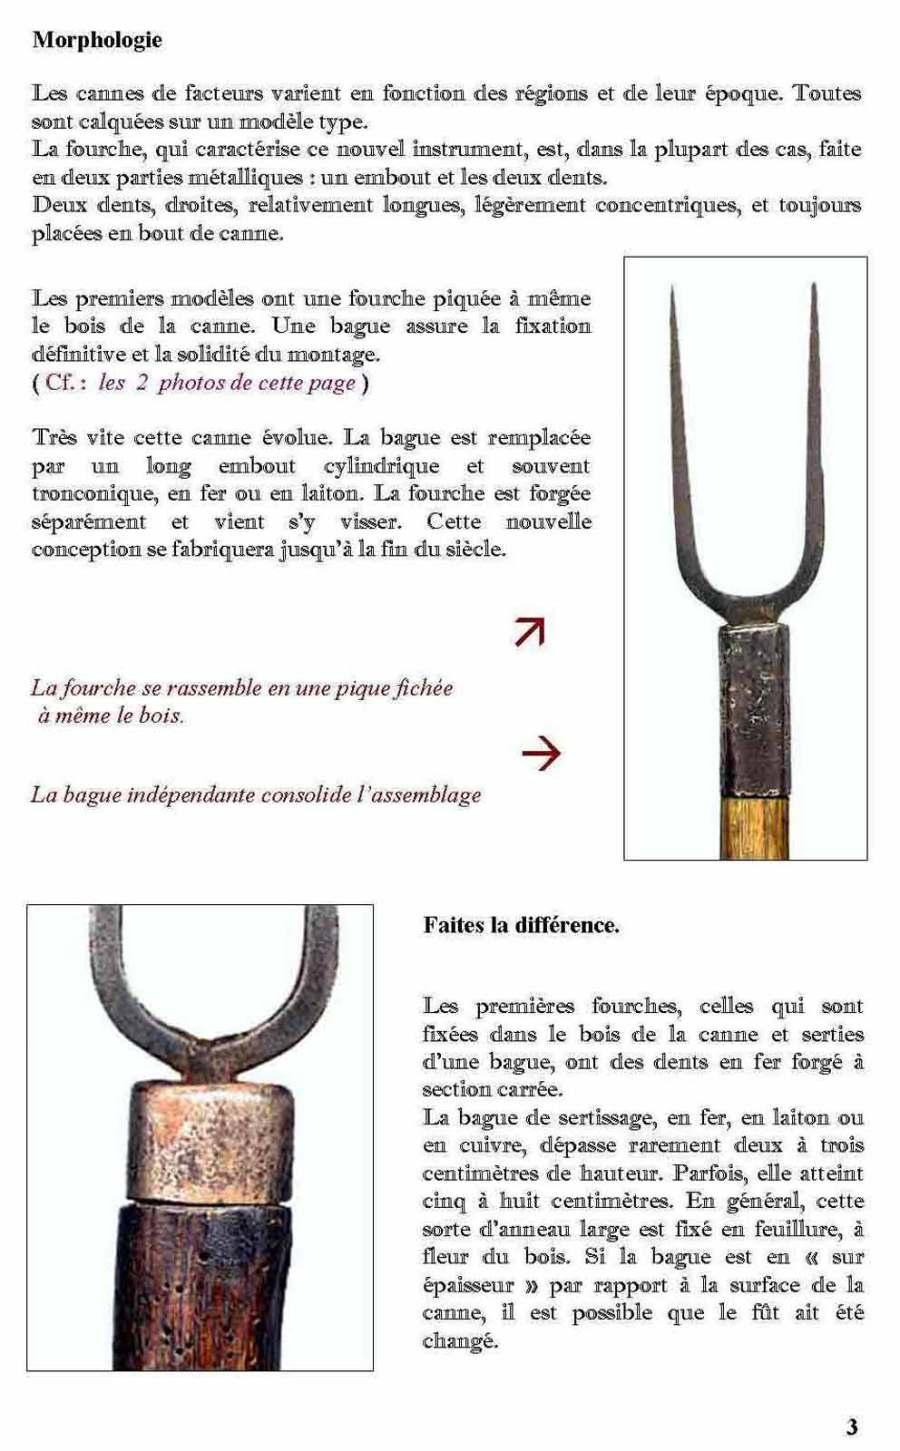 C.Facteur-page 3